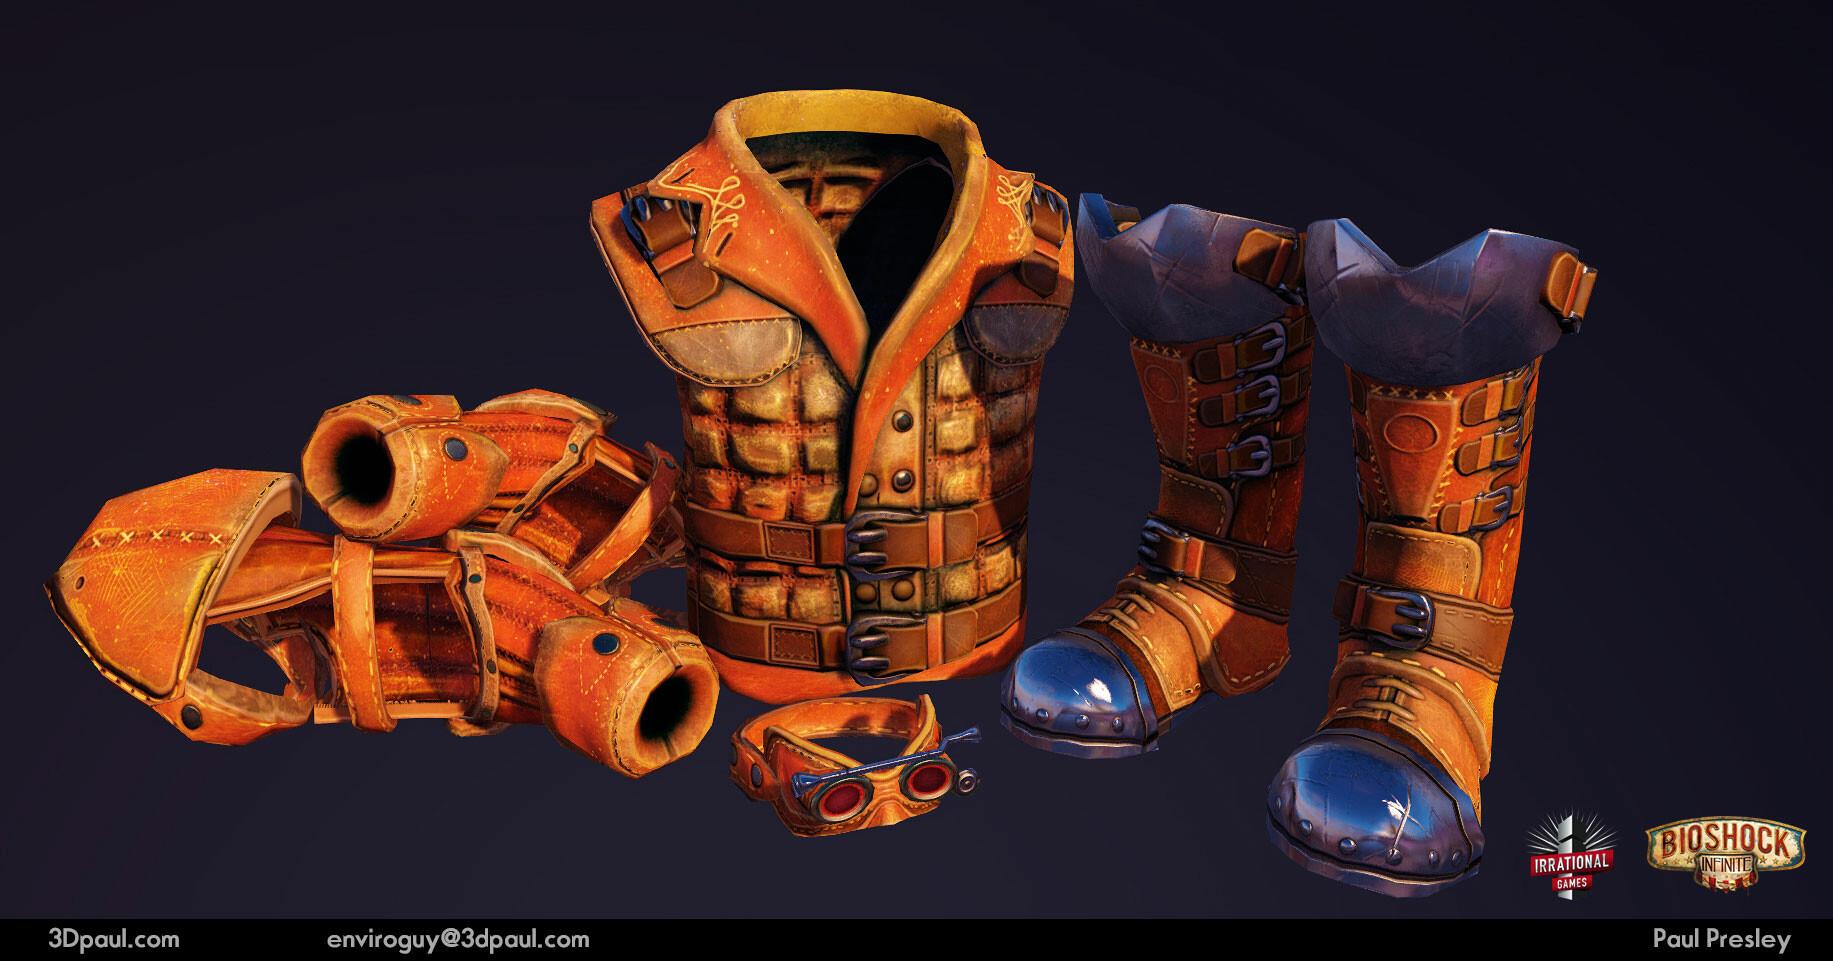 Paul presley 34 gearequipment